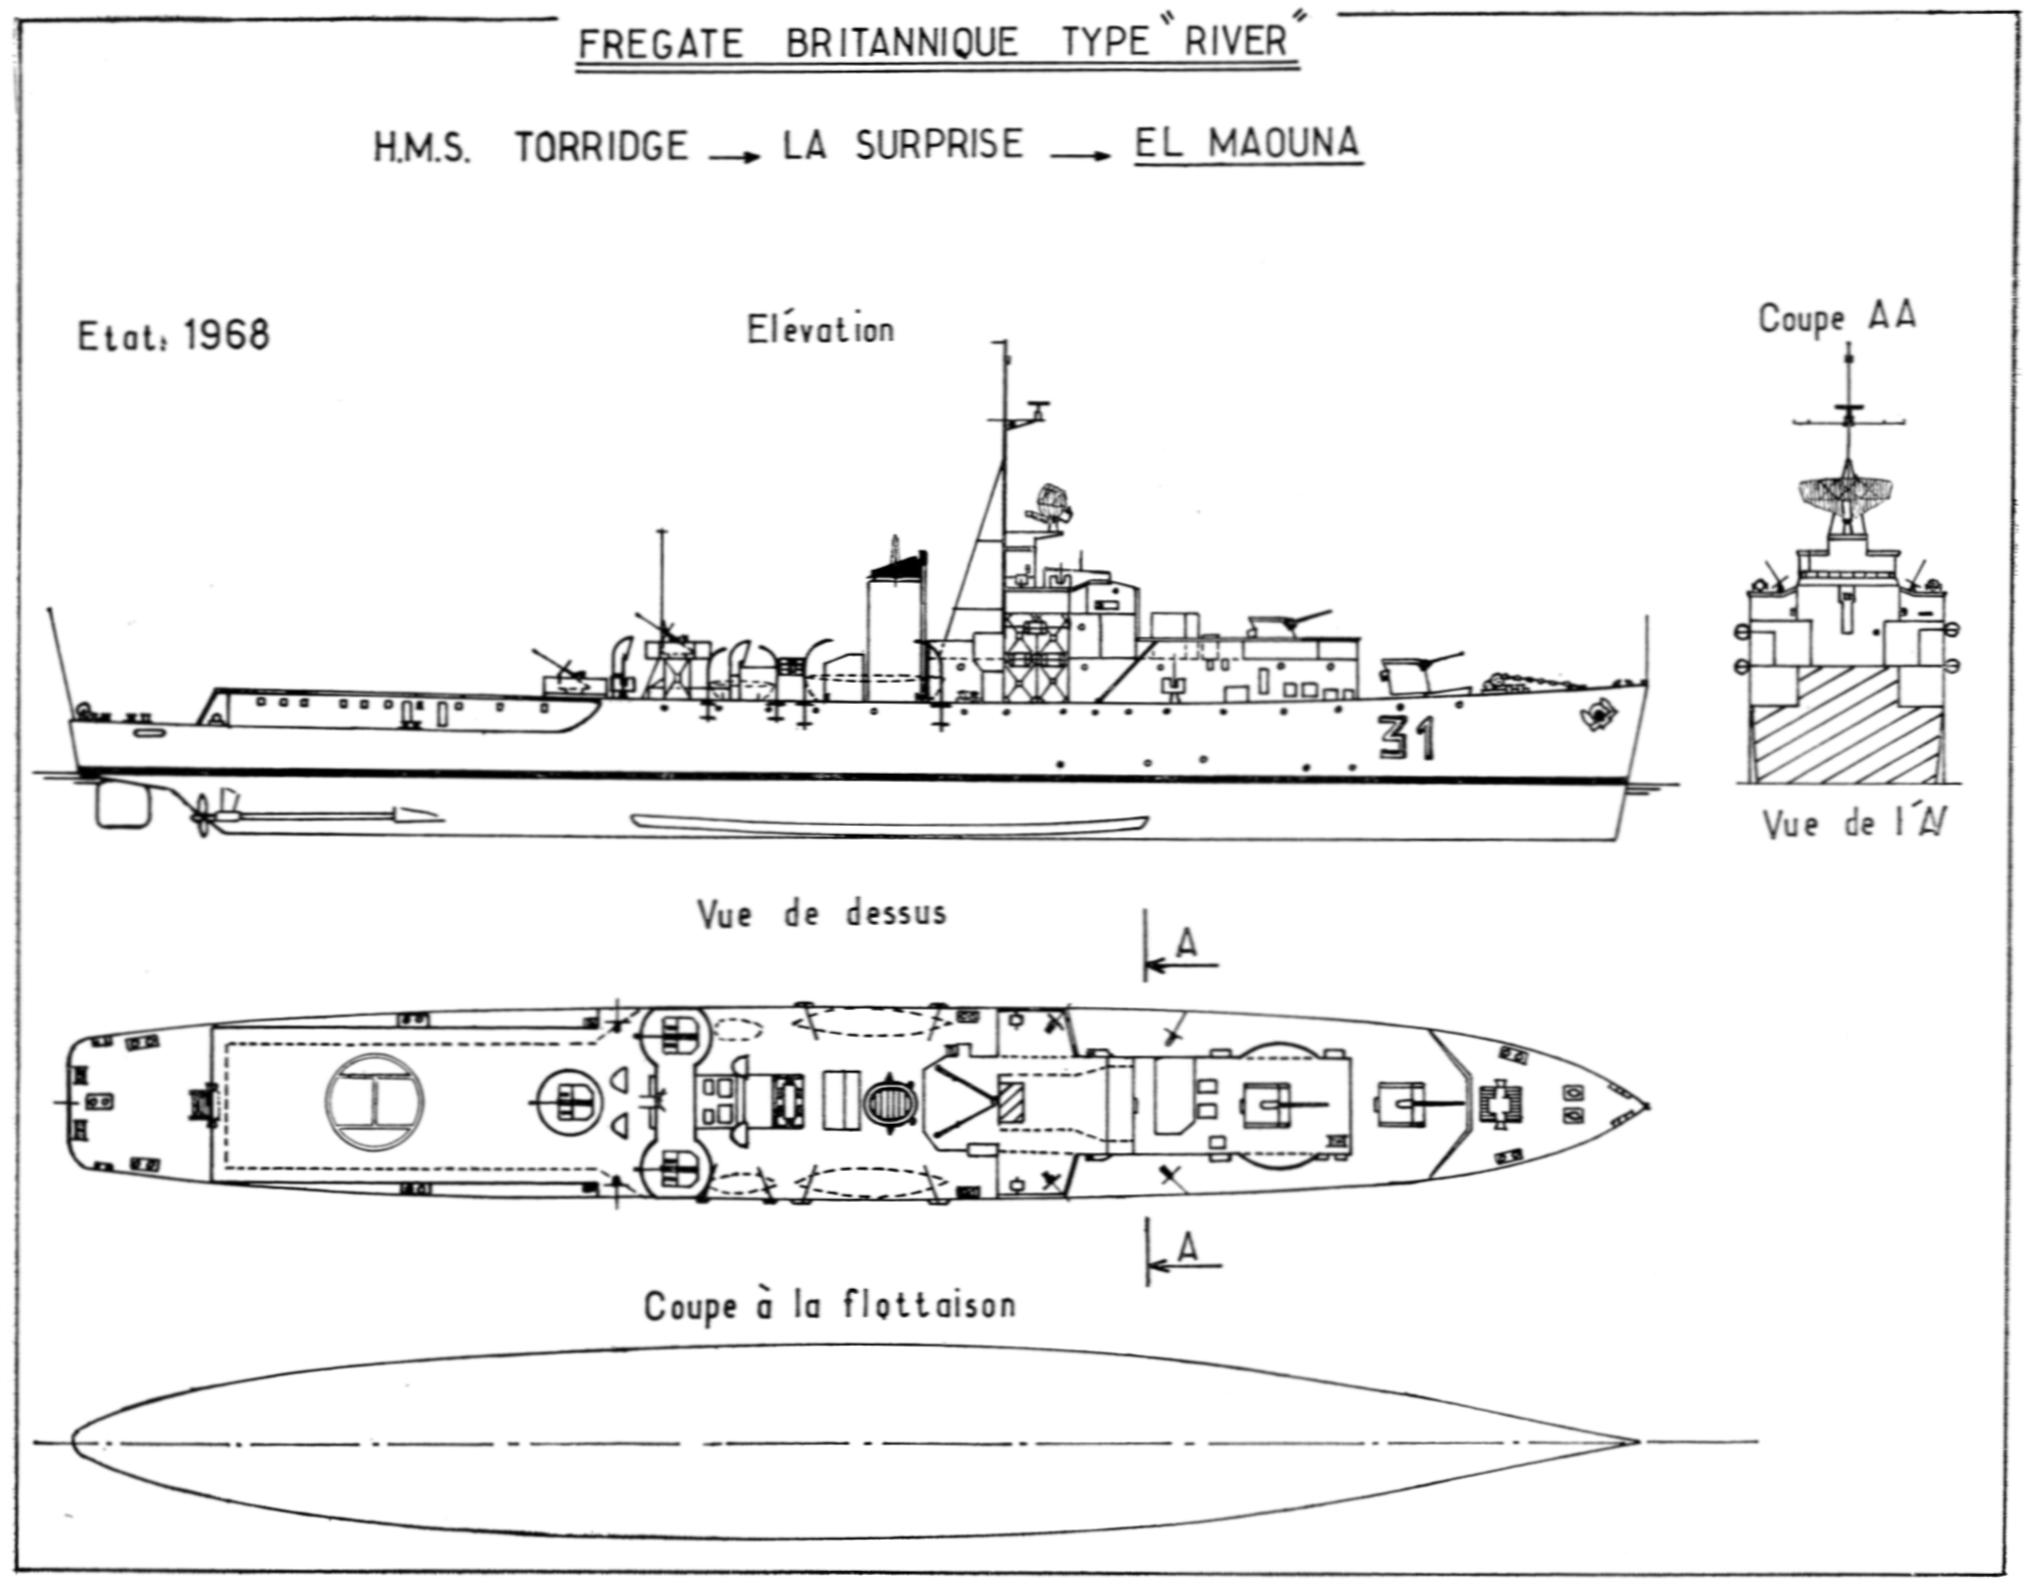 Batiments et navires ayant servie au sein de la MRM - Page 3 29700597117_d6f4e5a168_o